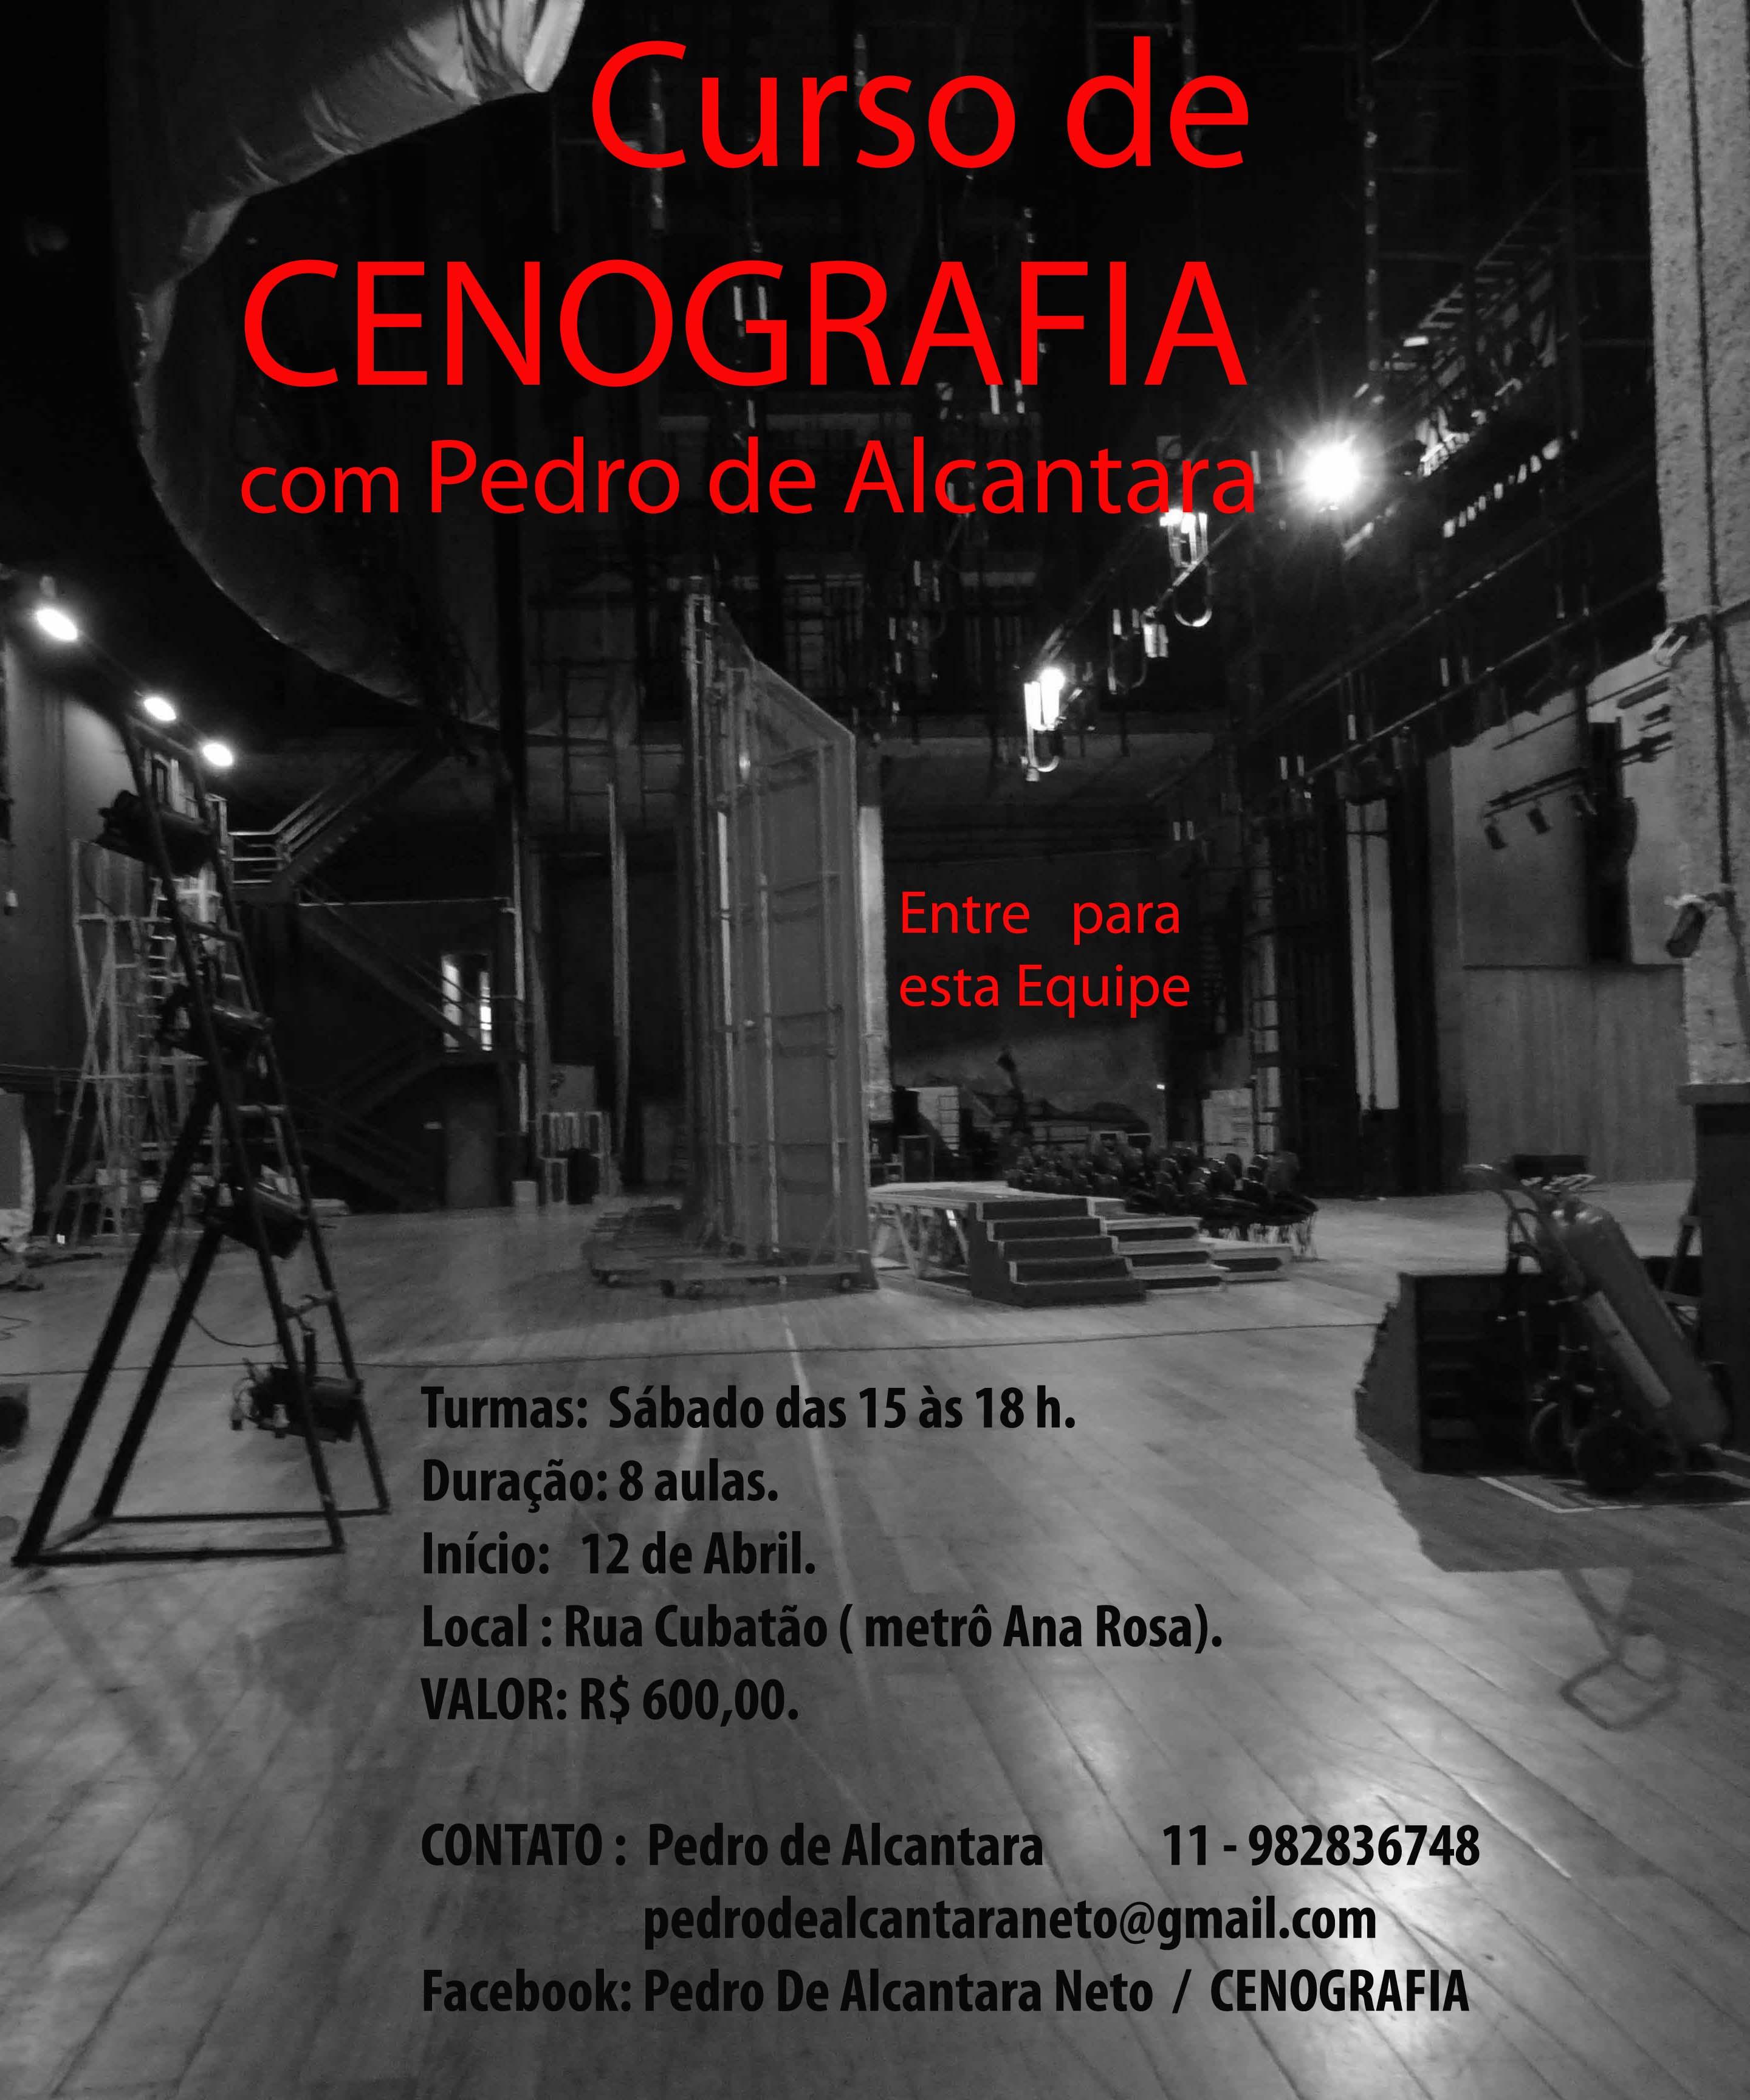 Curso_de_Cenografia_2__copy